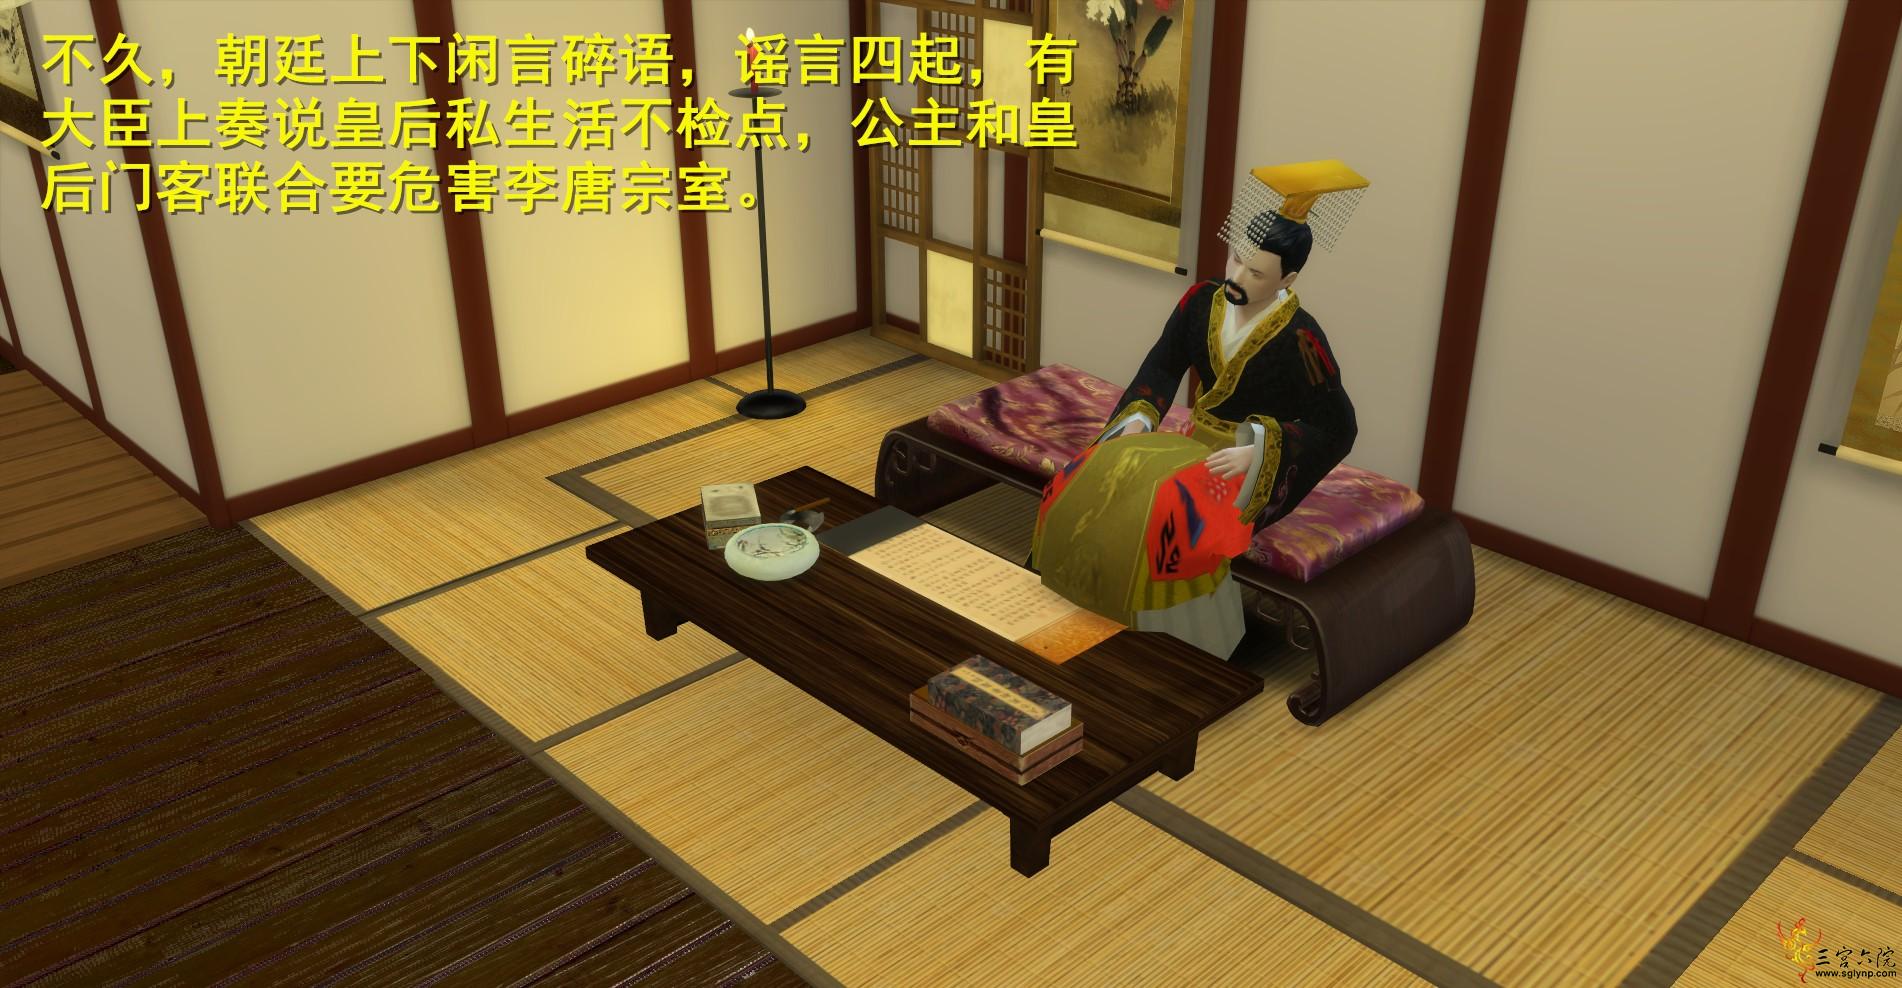 2020-9-23_14-49-34_副本.png